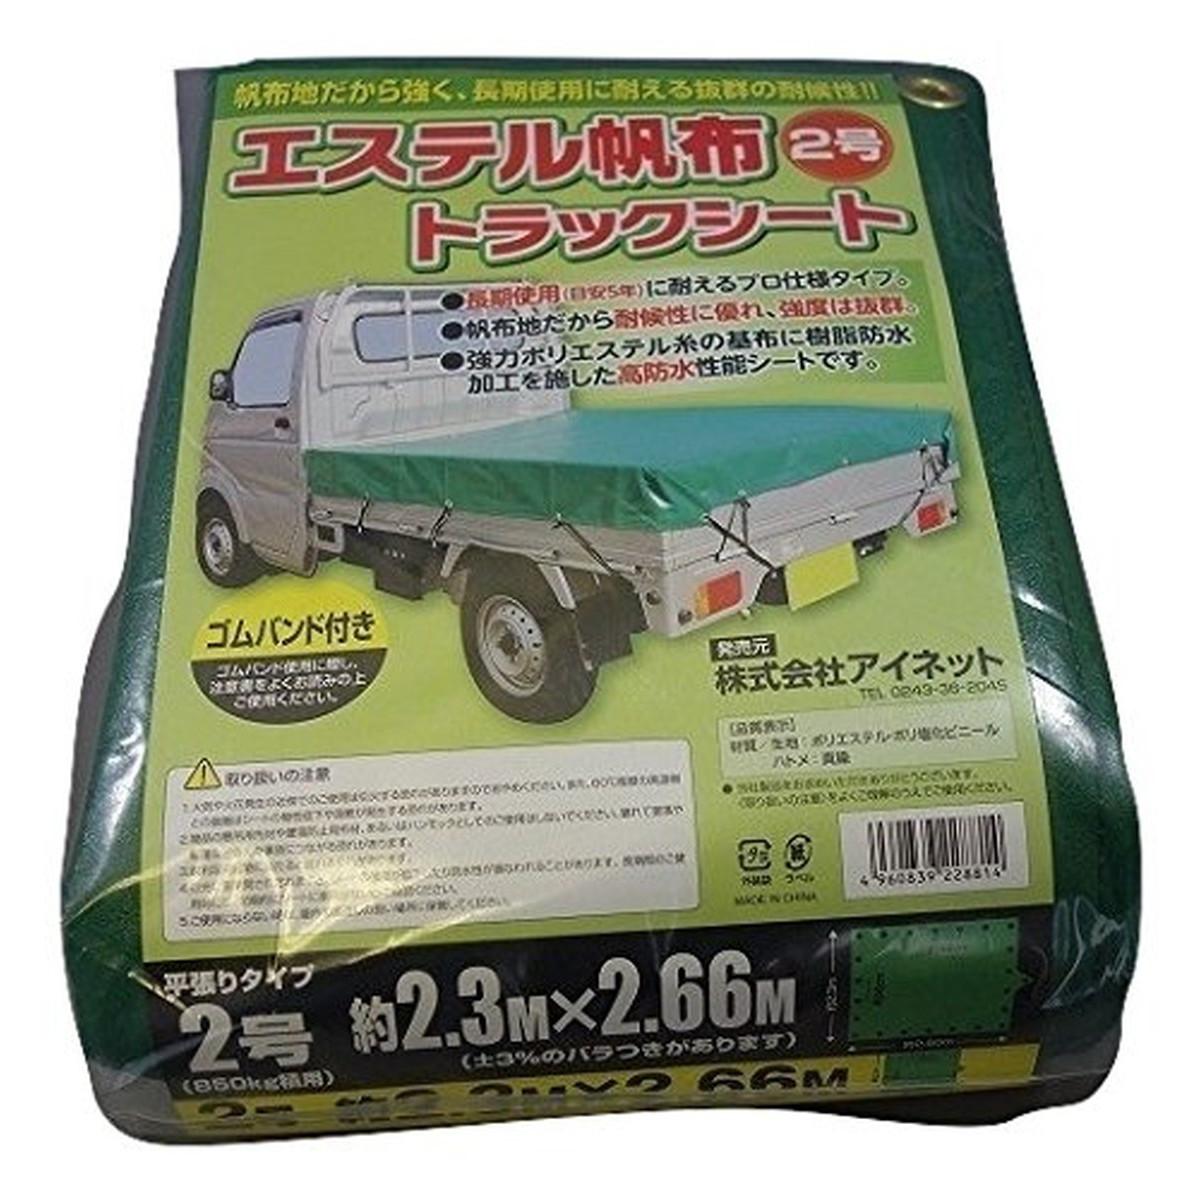 エステル帆布トラックシート 2号 230X266【クーポン配布中】